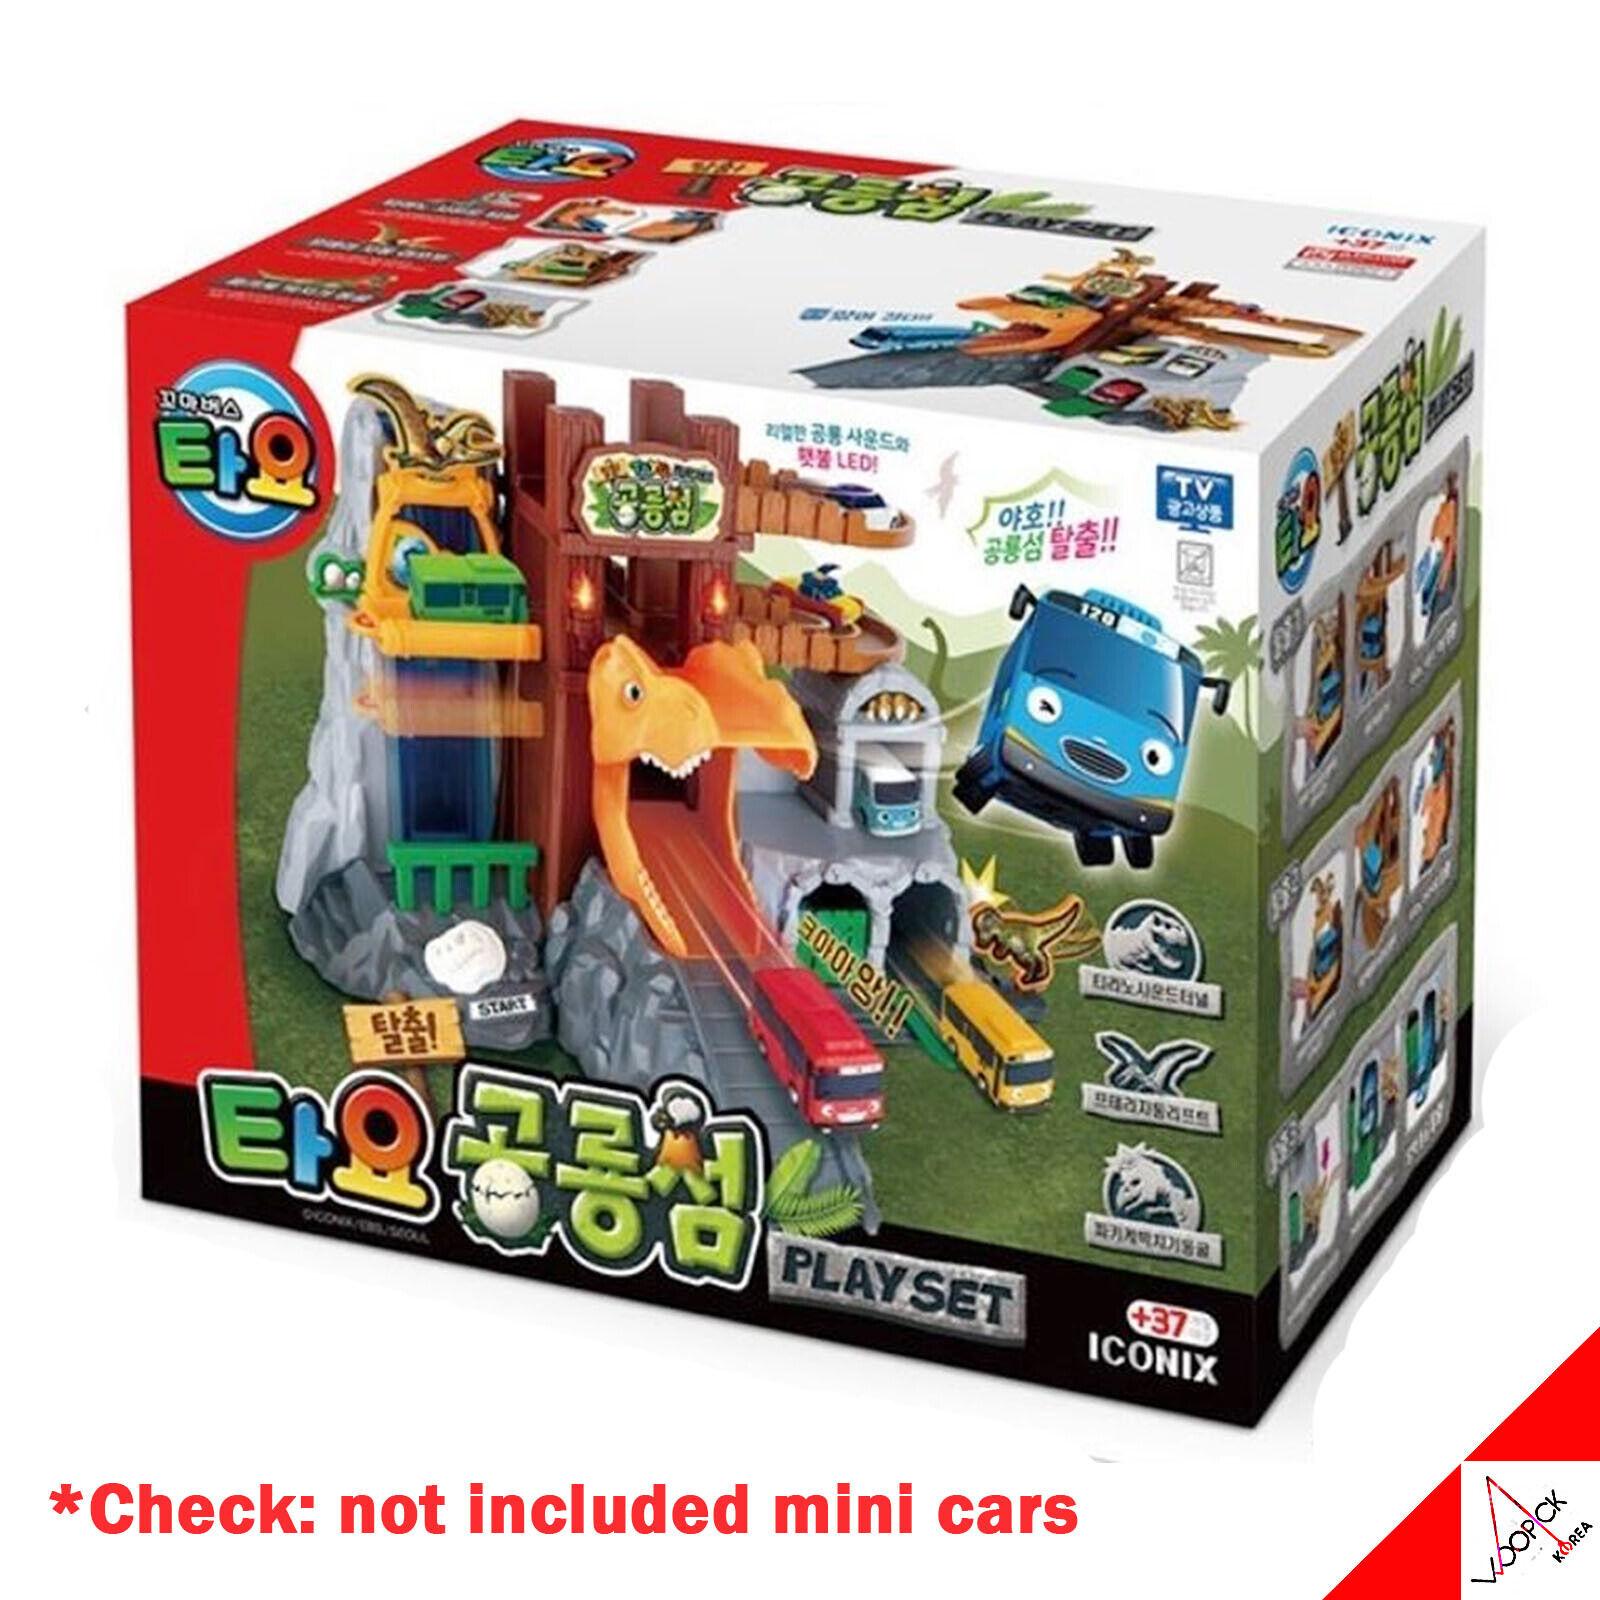 Tayo liten buss DINISAUR ISLAND spela Set barnleksak (ingår inte minibilar)